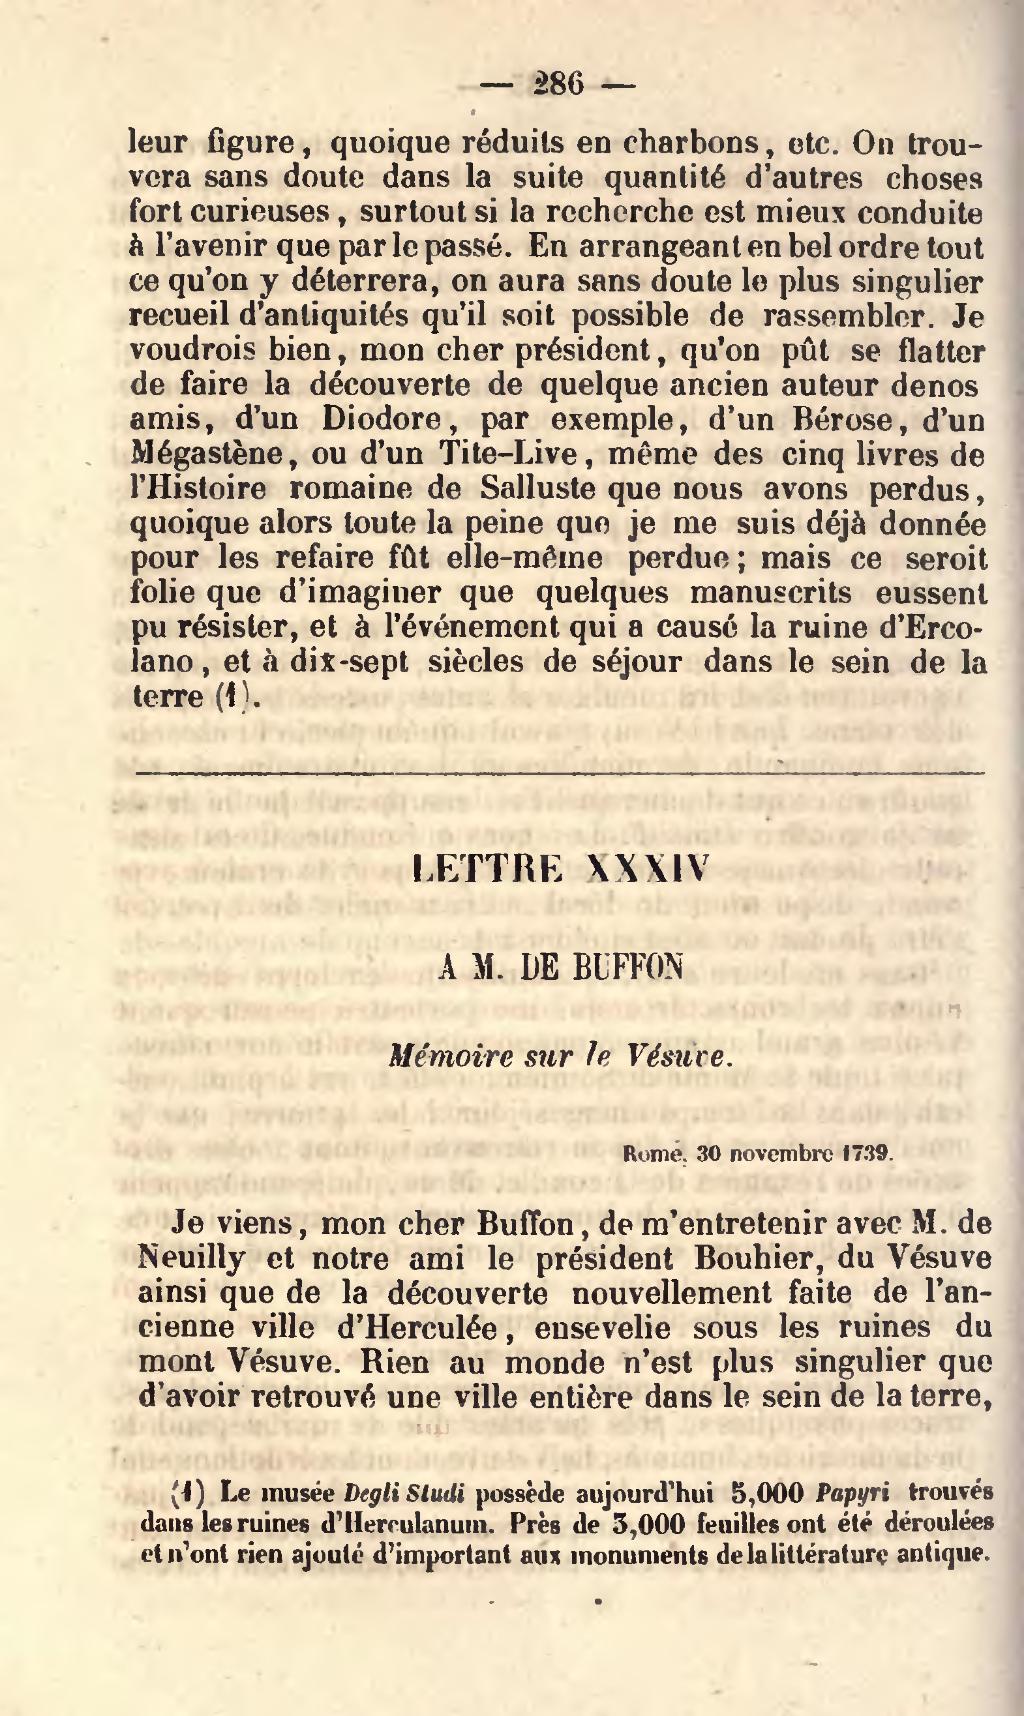 Ville D Italie 5 Lettres : ville, italie, lettres, Page:Charles, Brosses, Lettres, Familières, écrites, D'Italie, Poulet-Malassis, 1858.djvu/312, Wikisource